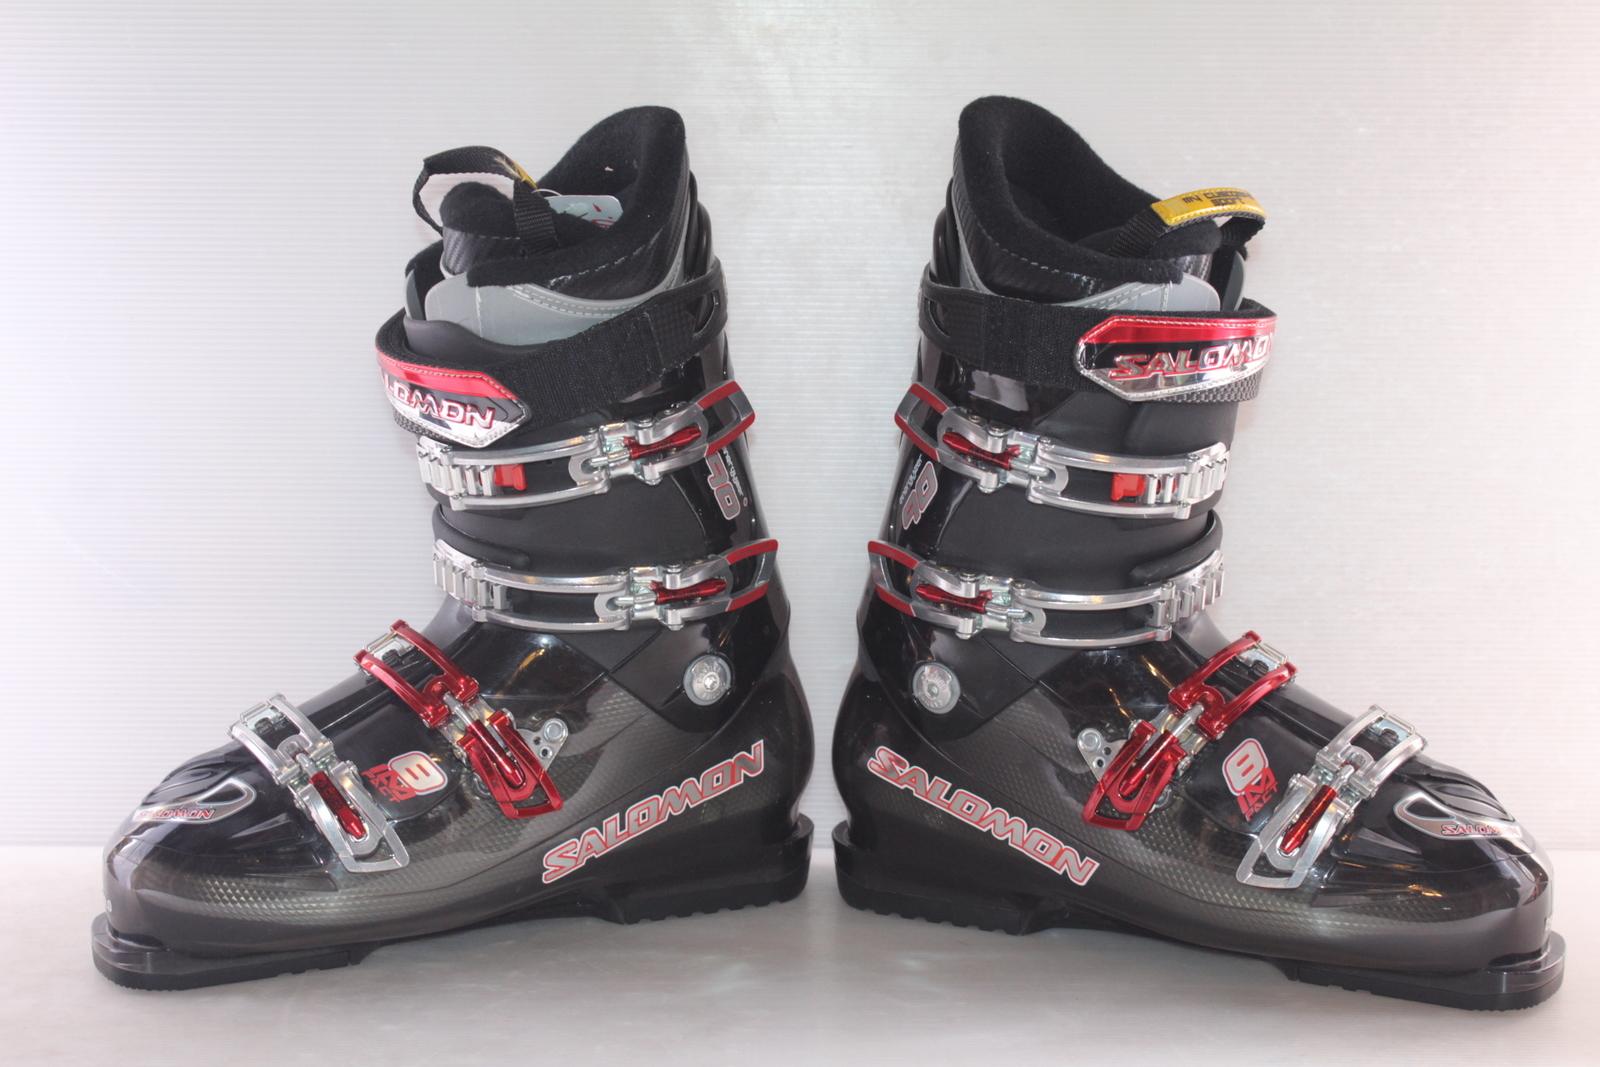 Lyžařské boty Salomon Impact 8 vel. EU44.5 flexe 90